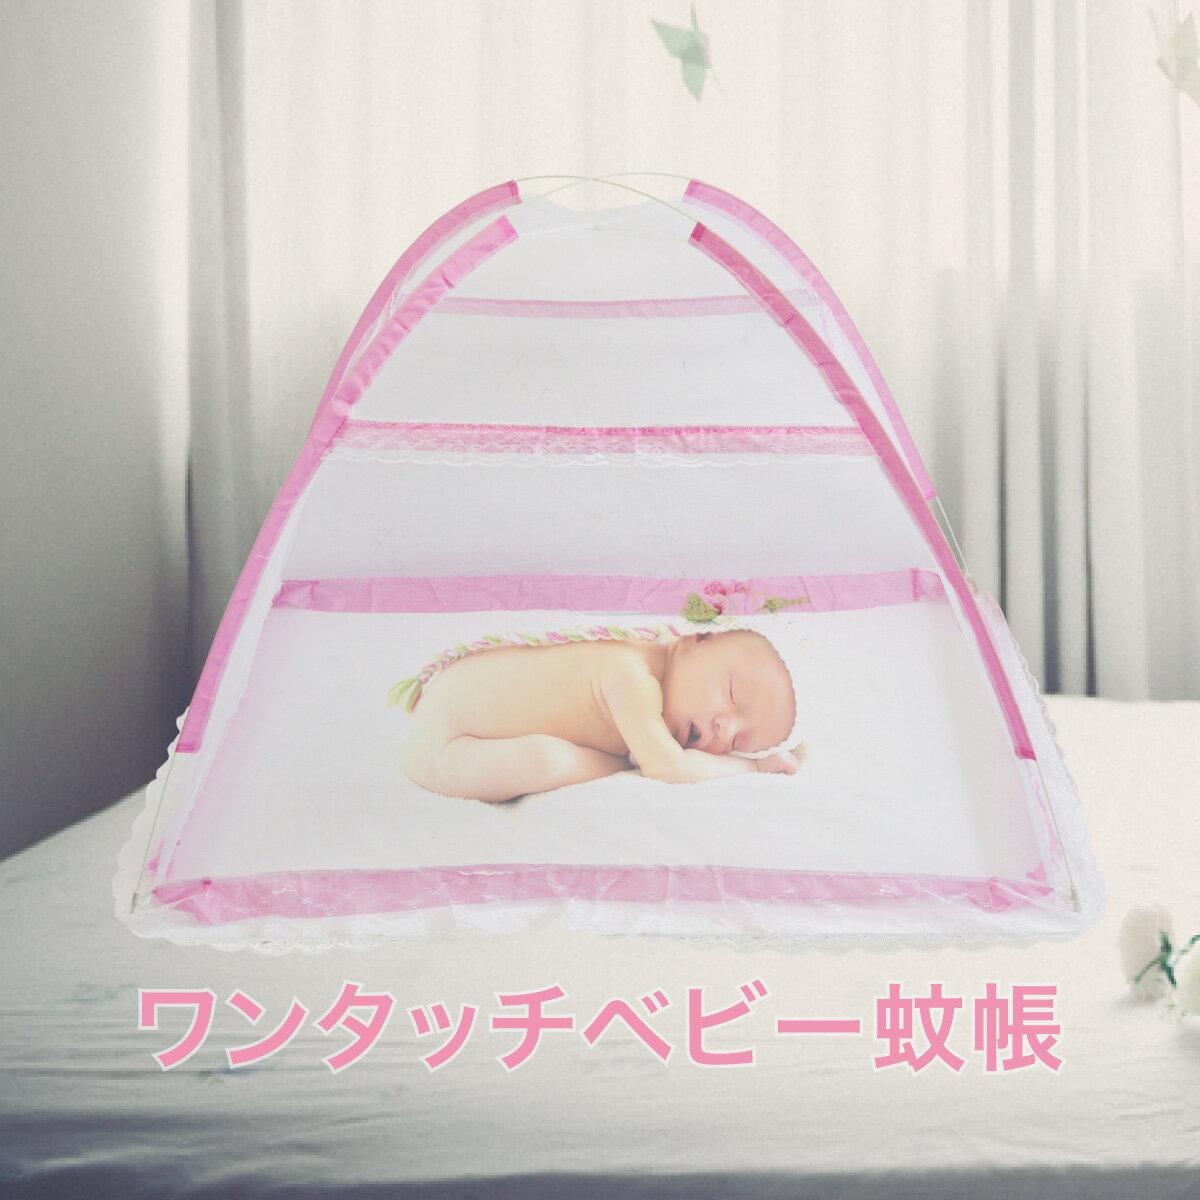 ムカデ 赤ちゃん